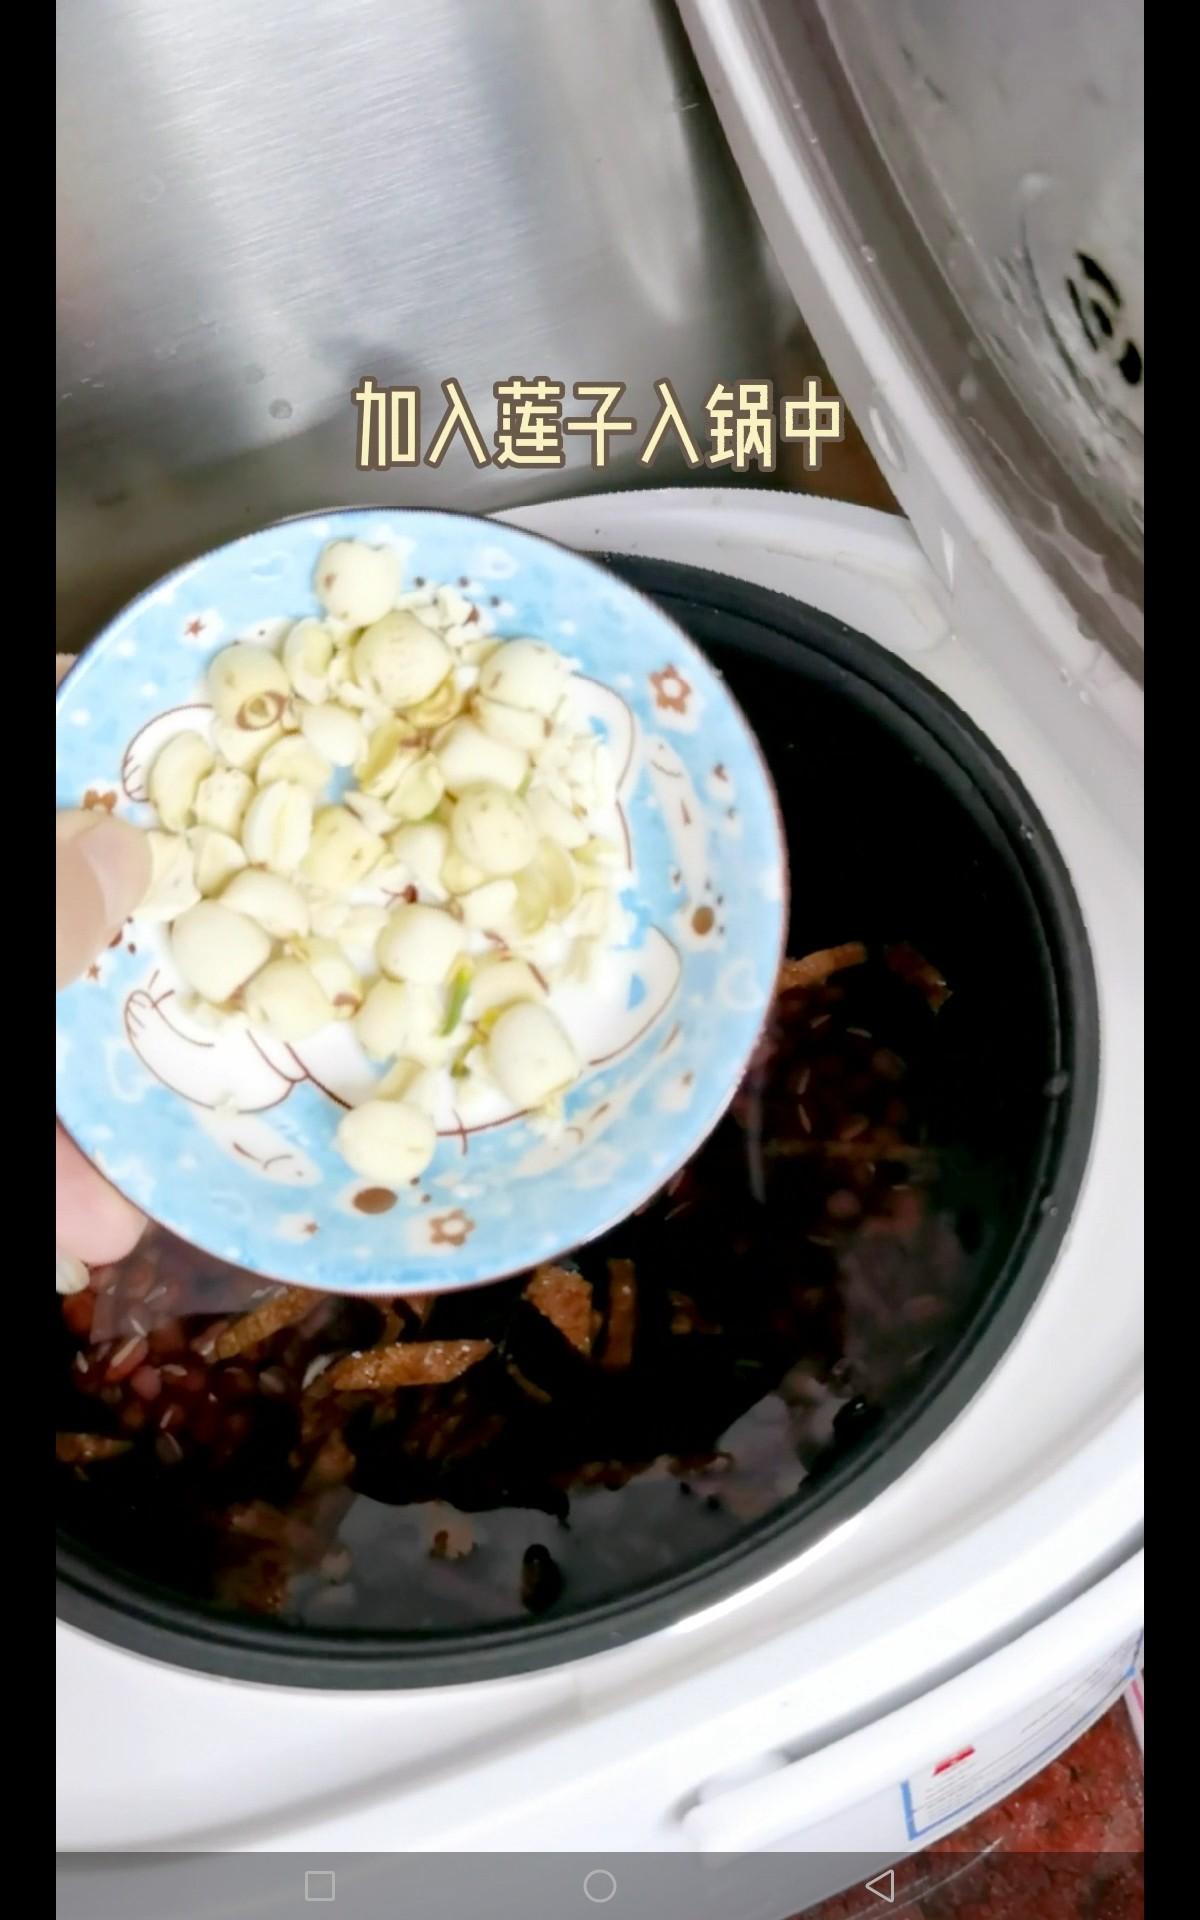 陈皮红豆沙糖水的家常做法